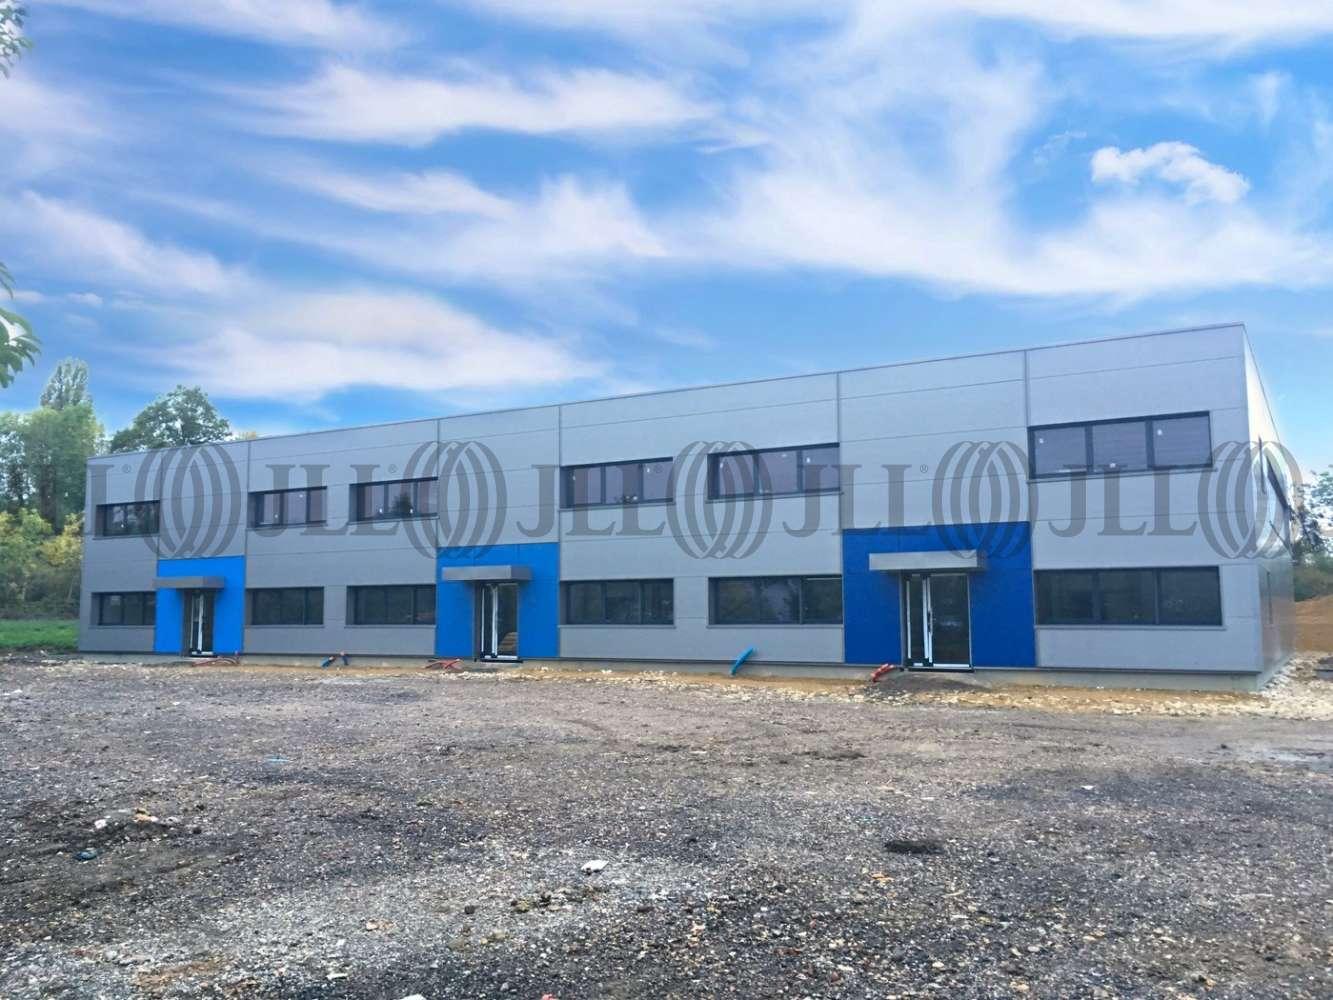 Activités/entrepôt Norroy le veneur, 57140 - THéODORE MONOT